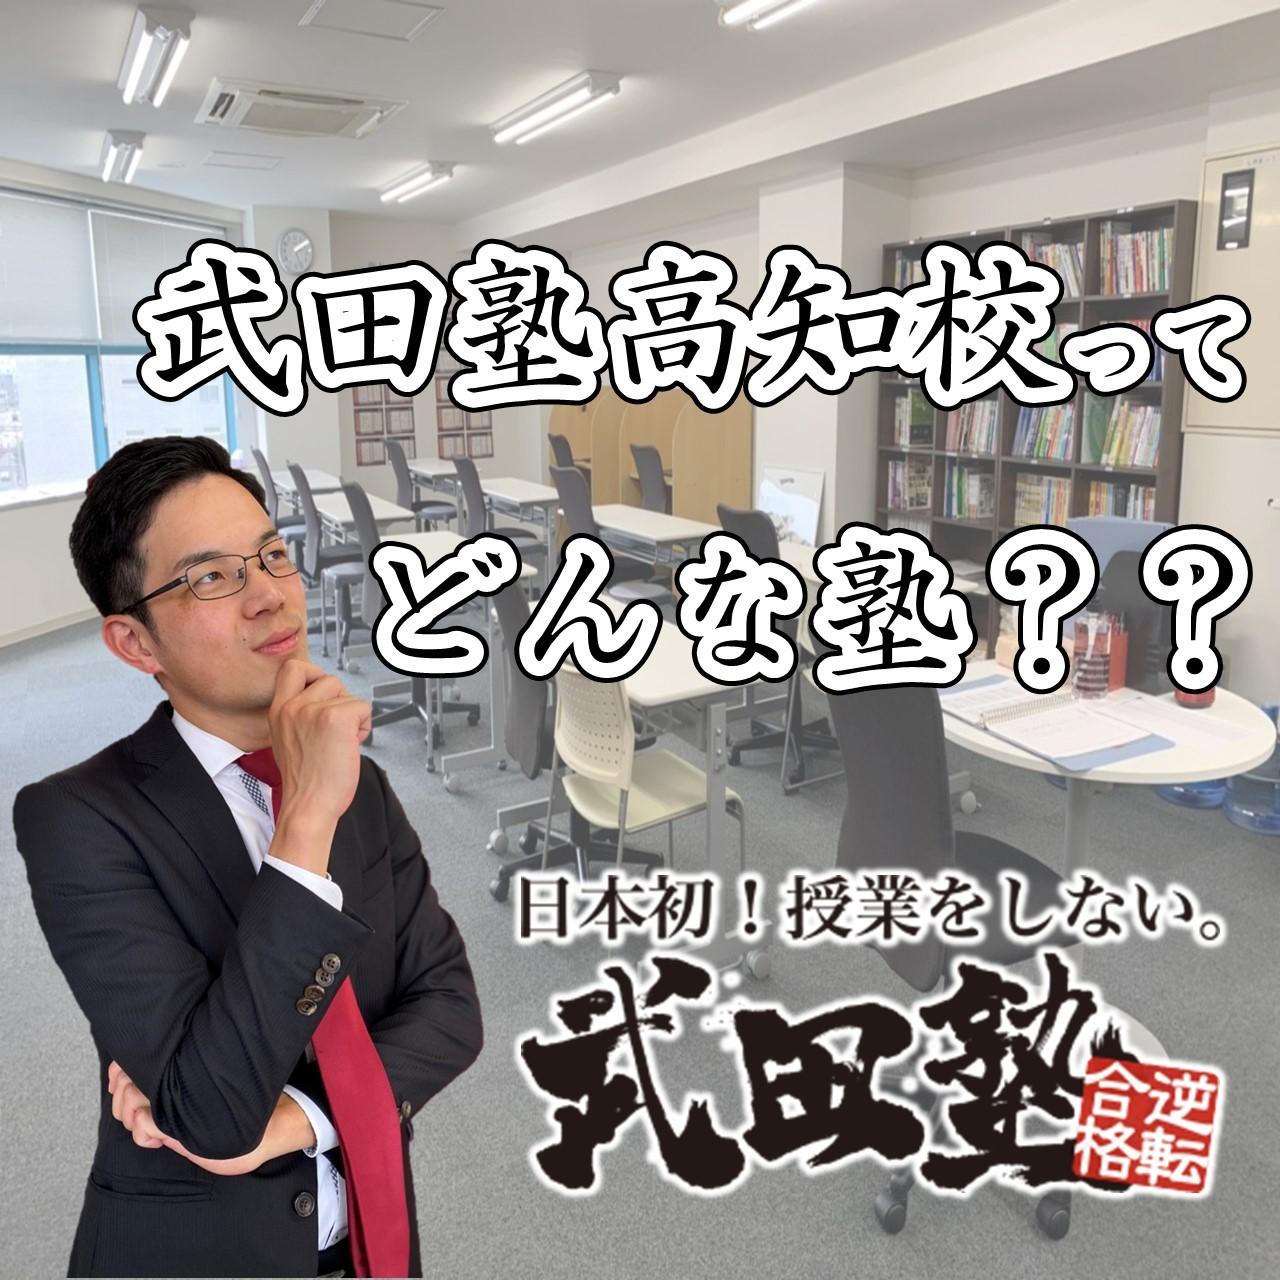 武田塾とは サムネ